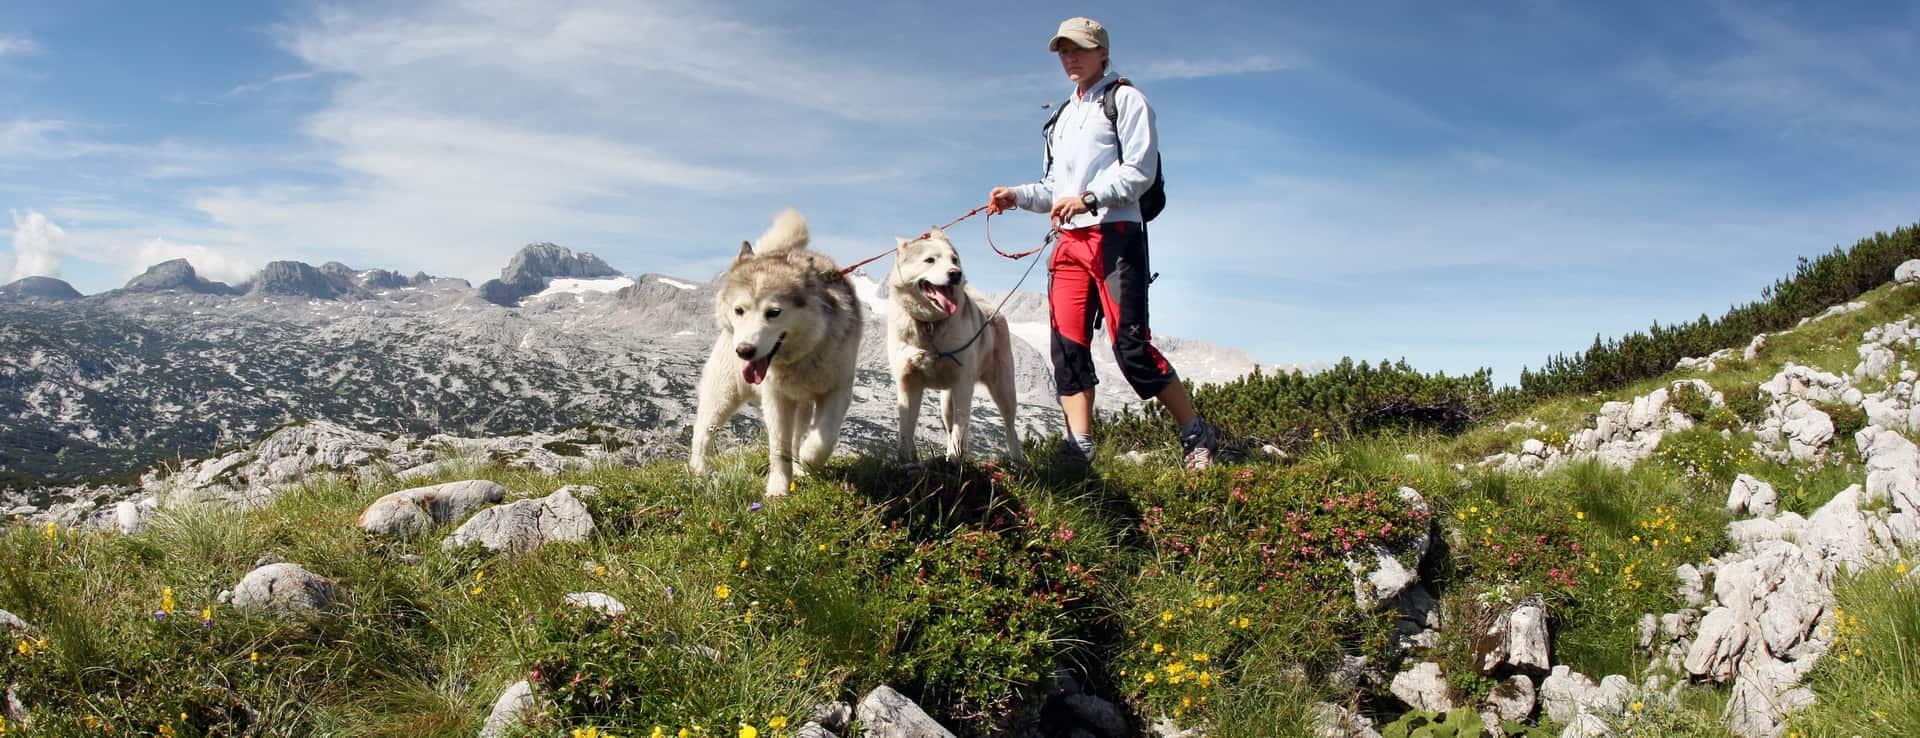 Vandra på berget Krippenstein i Obertraun vandring semester i Österrike